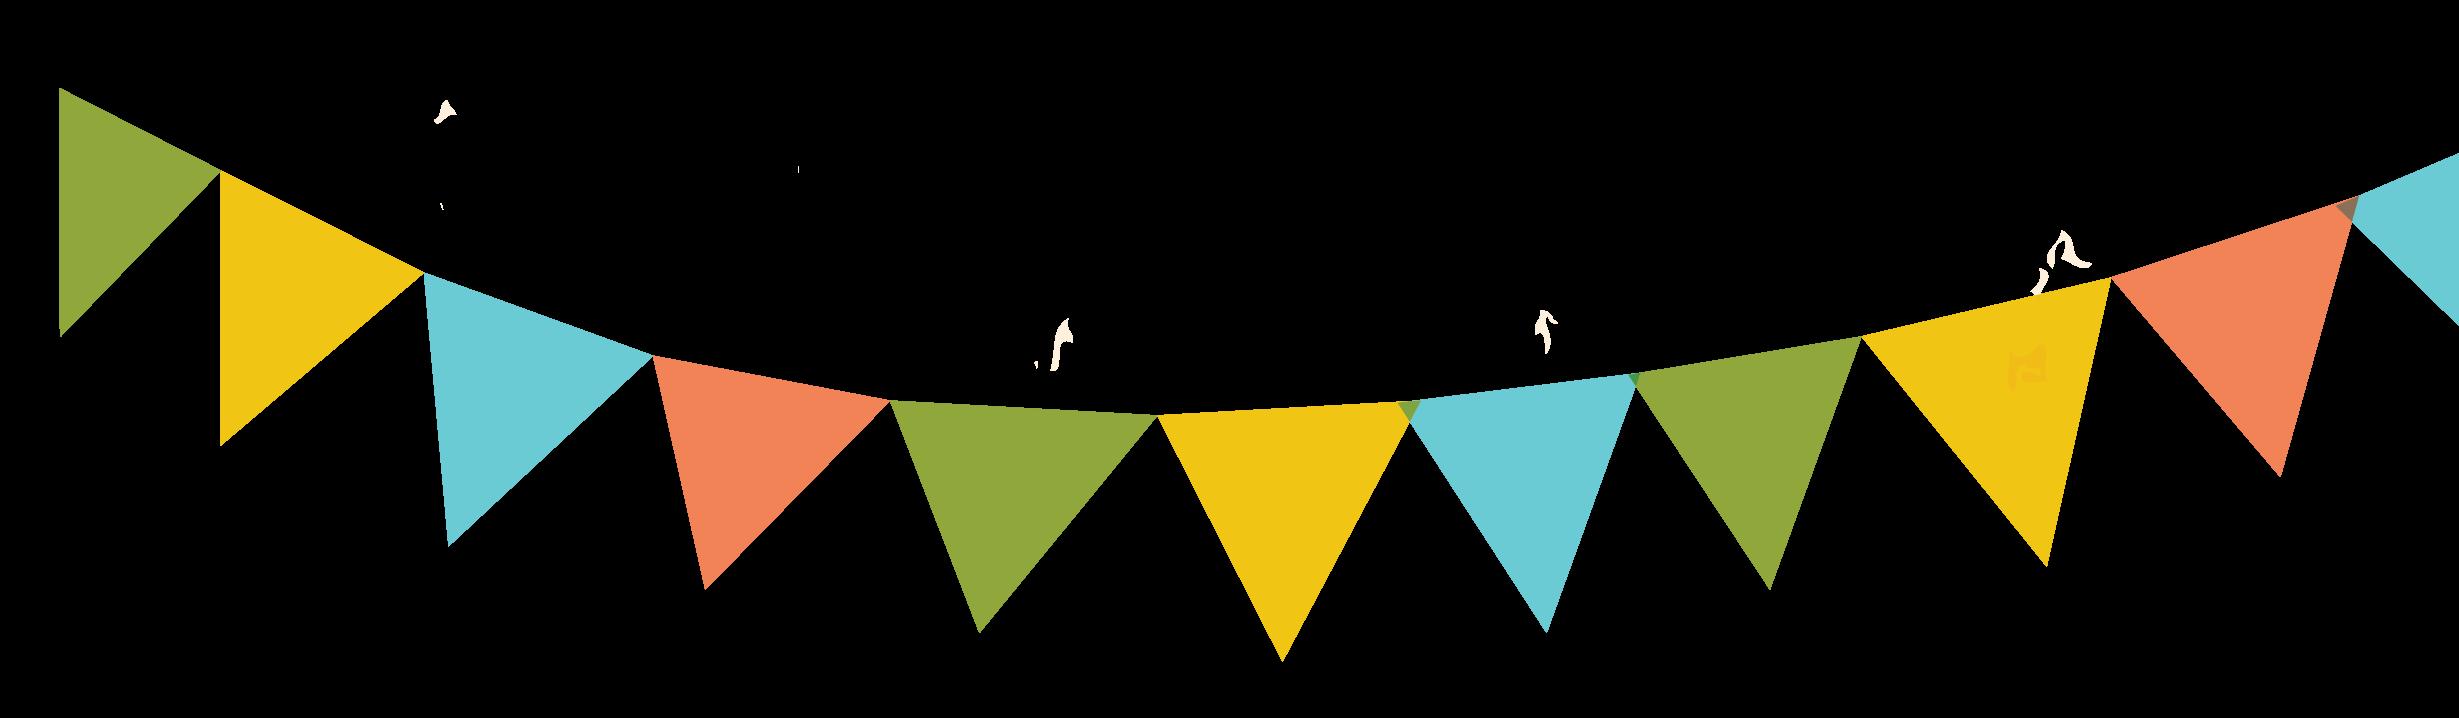 השנה הראשונה שלי - שרשרת דגלים